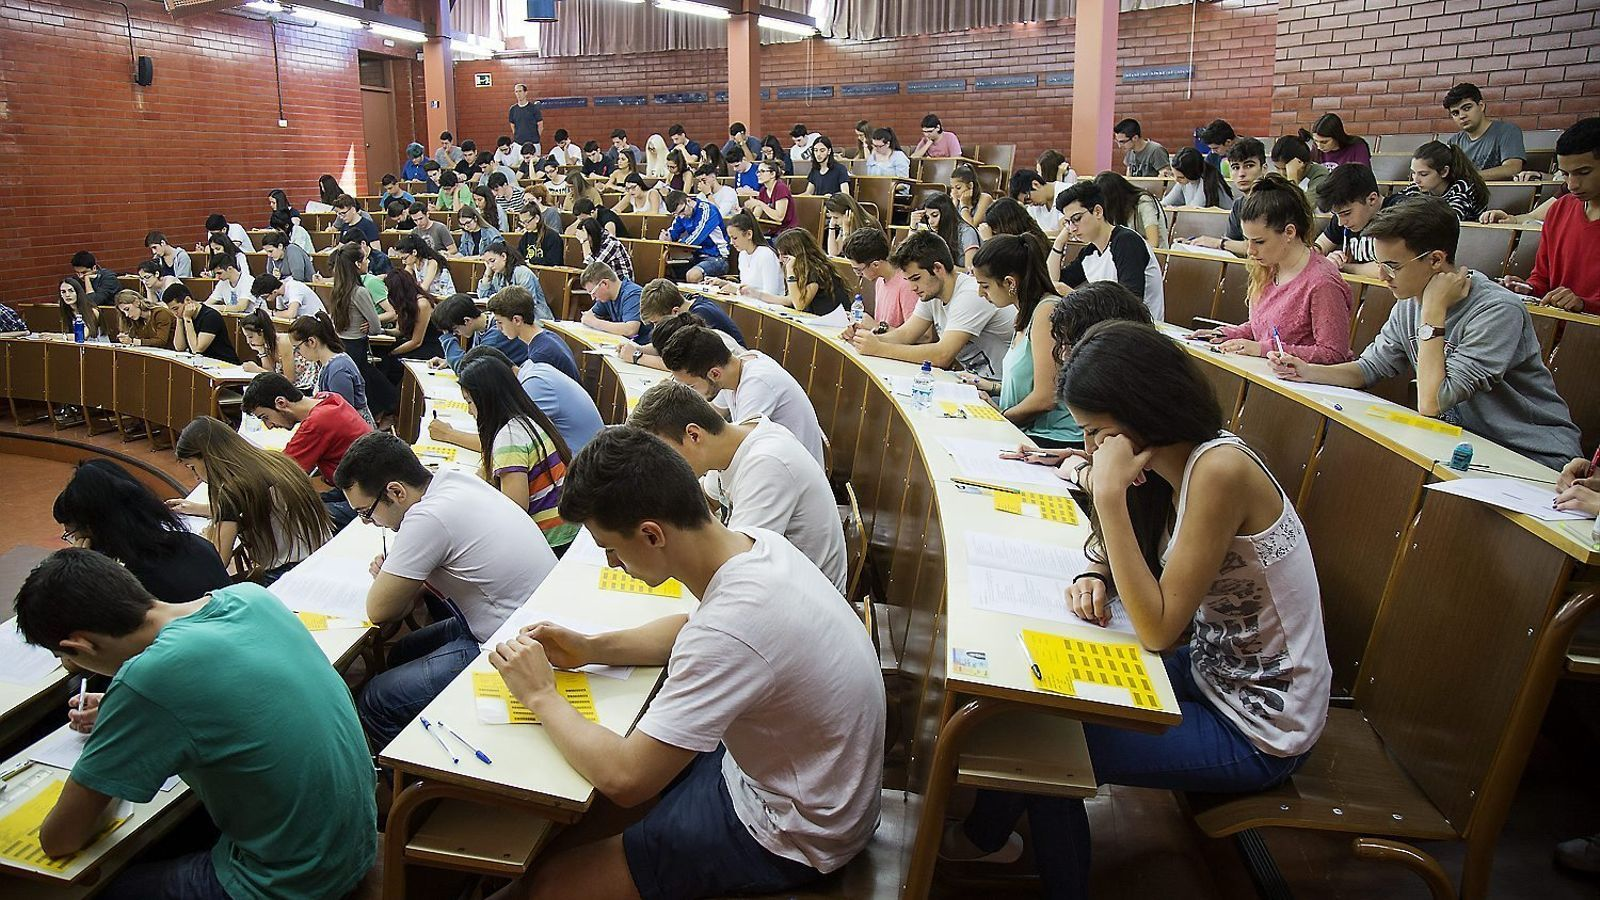 Consulta aquí el resultat de les proves d'accés a la universitat